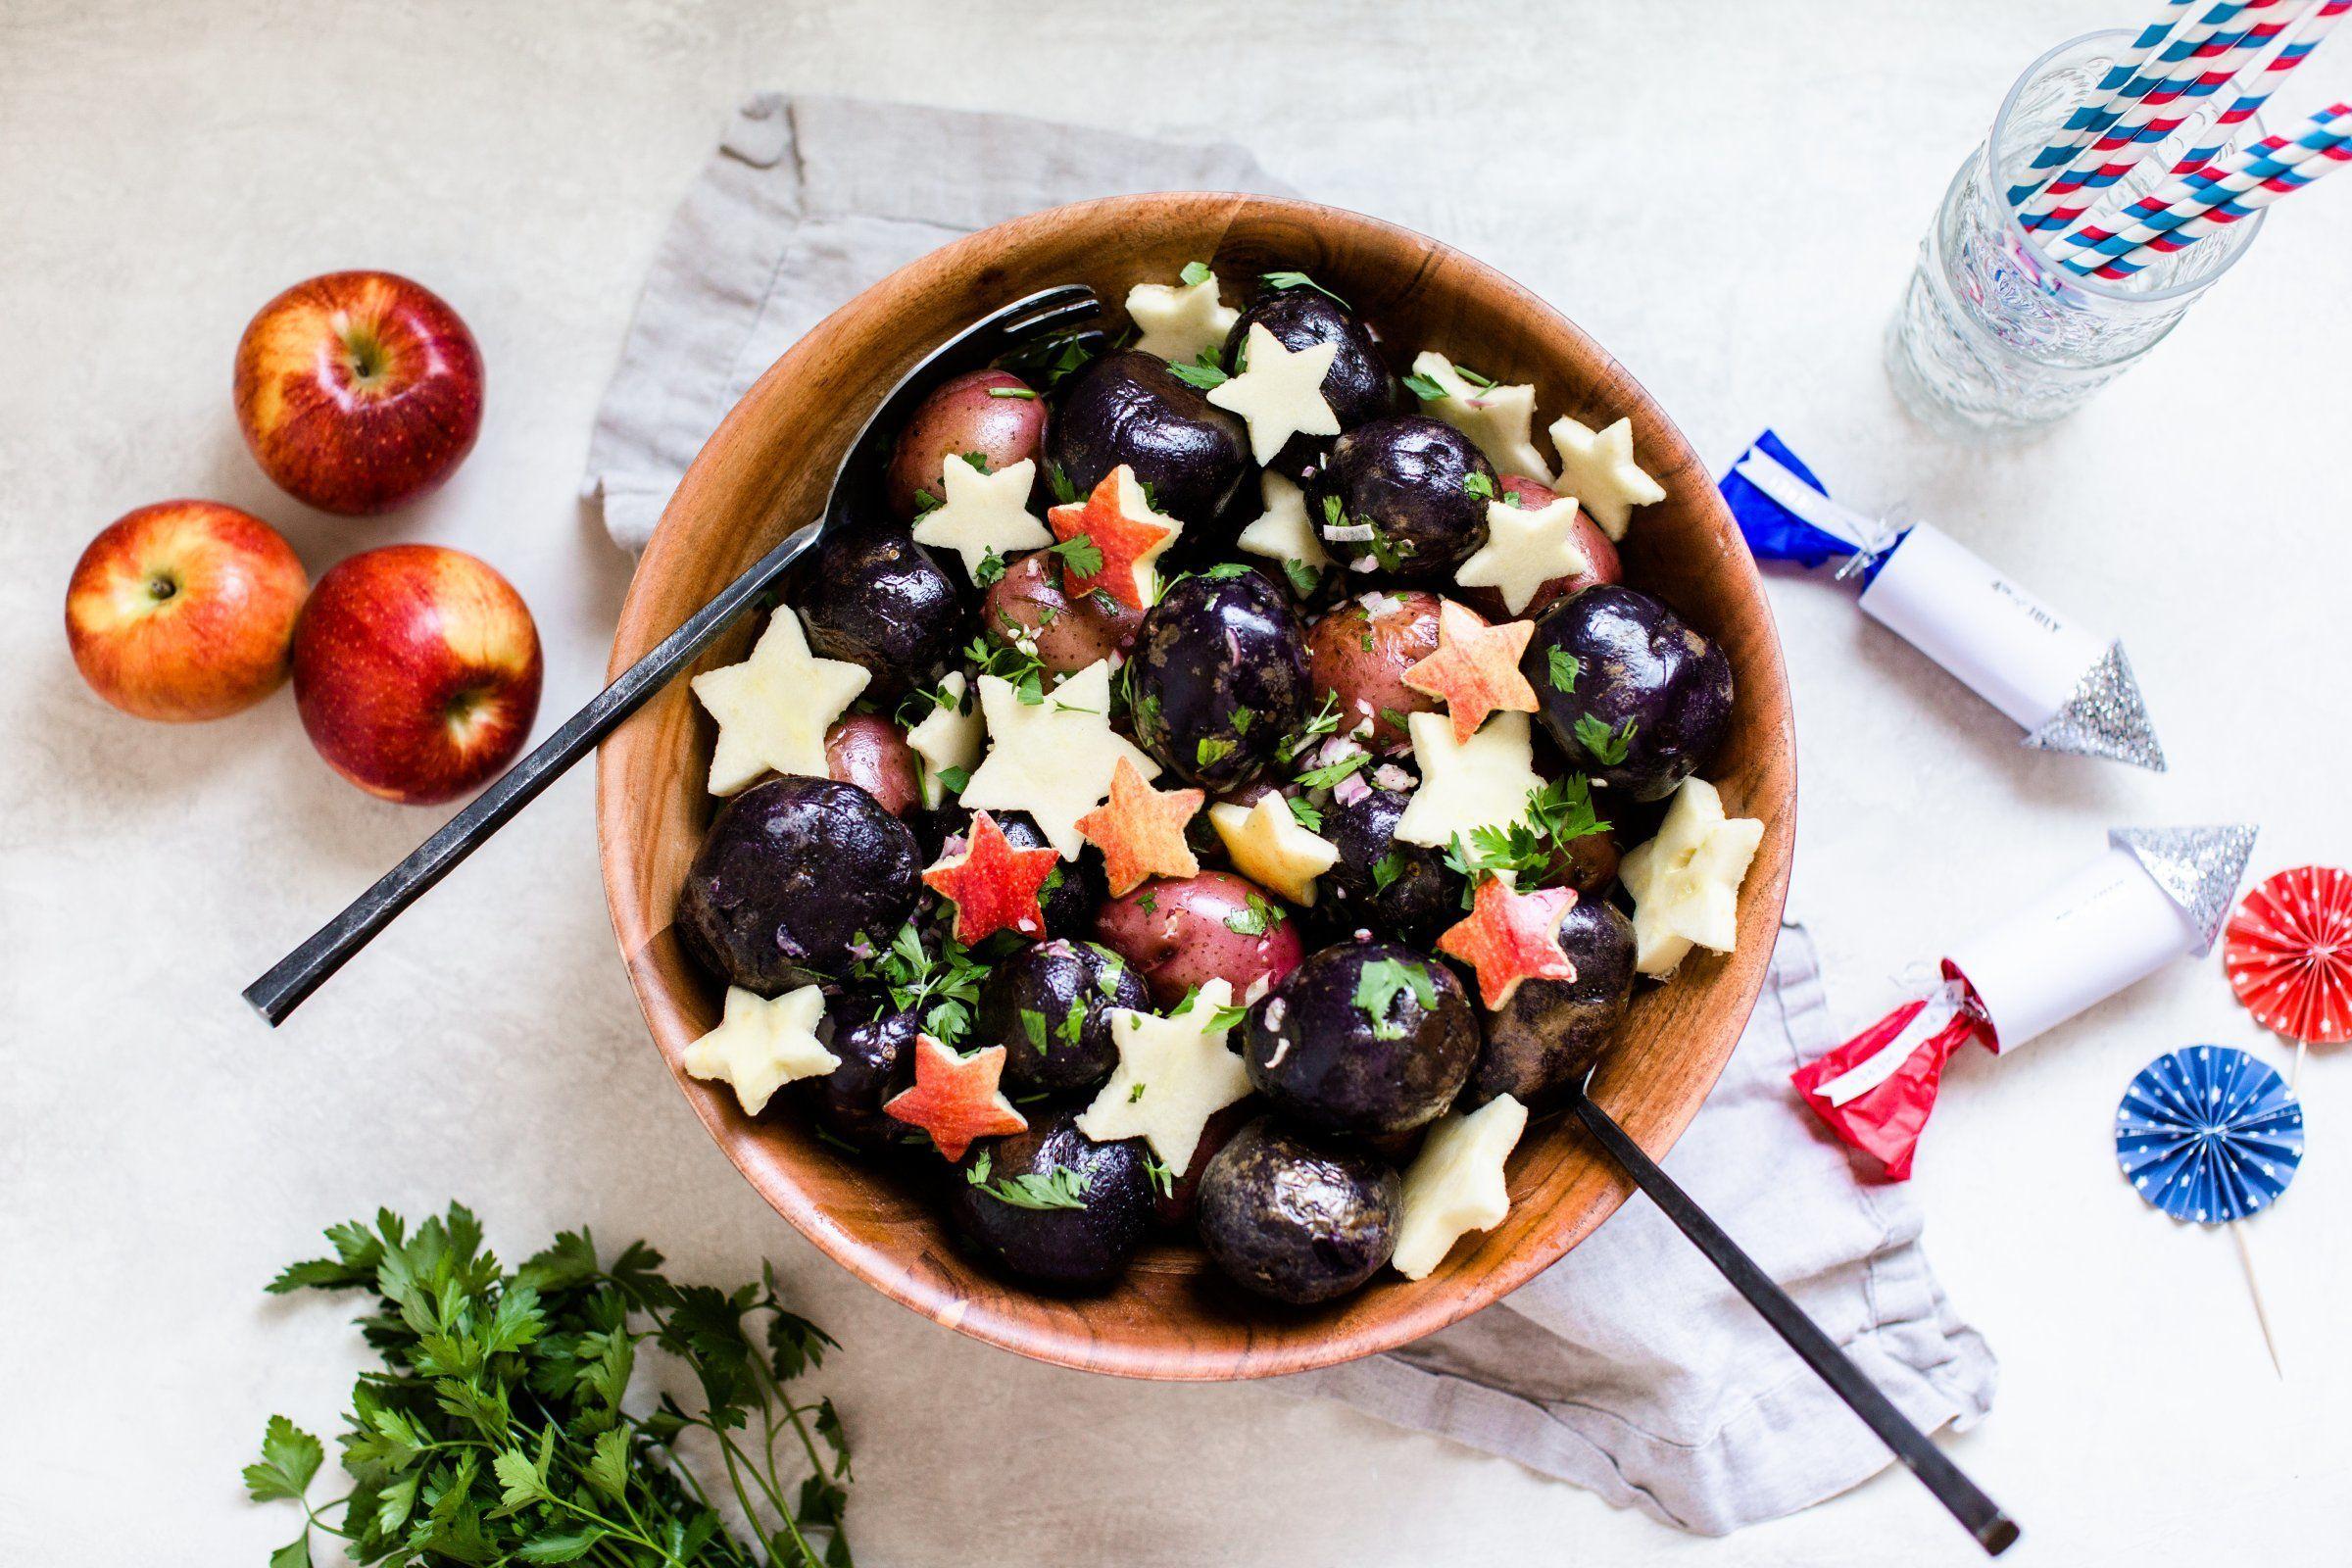 Ternyata Mudah, Inilah Cara Membuat Salad Buah untuk Diet